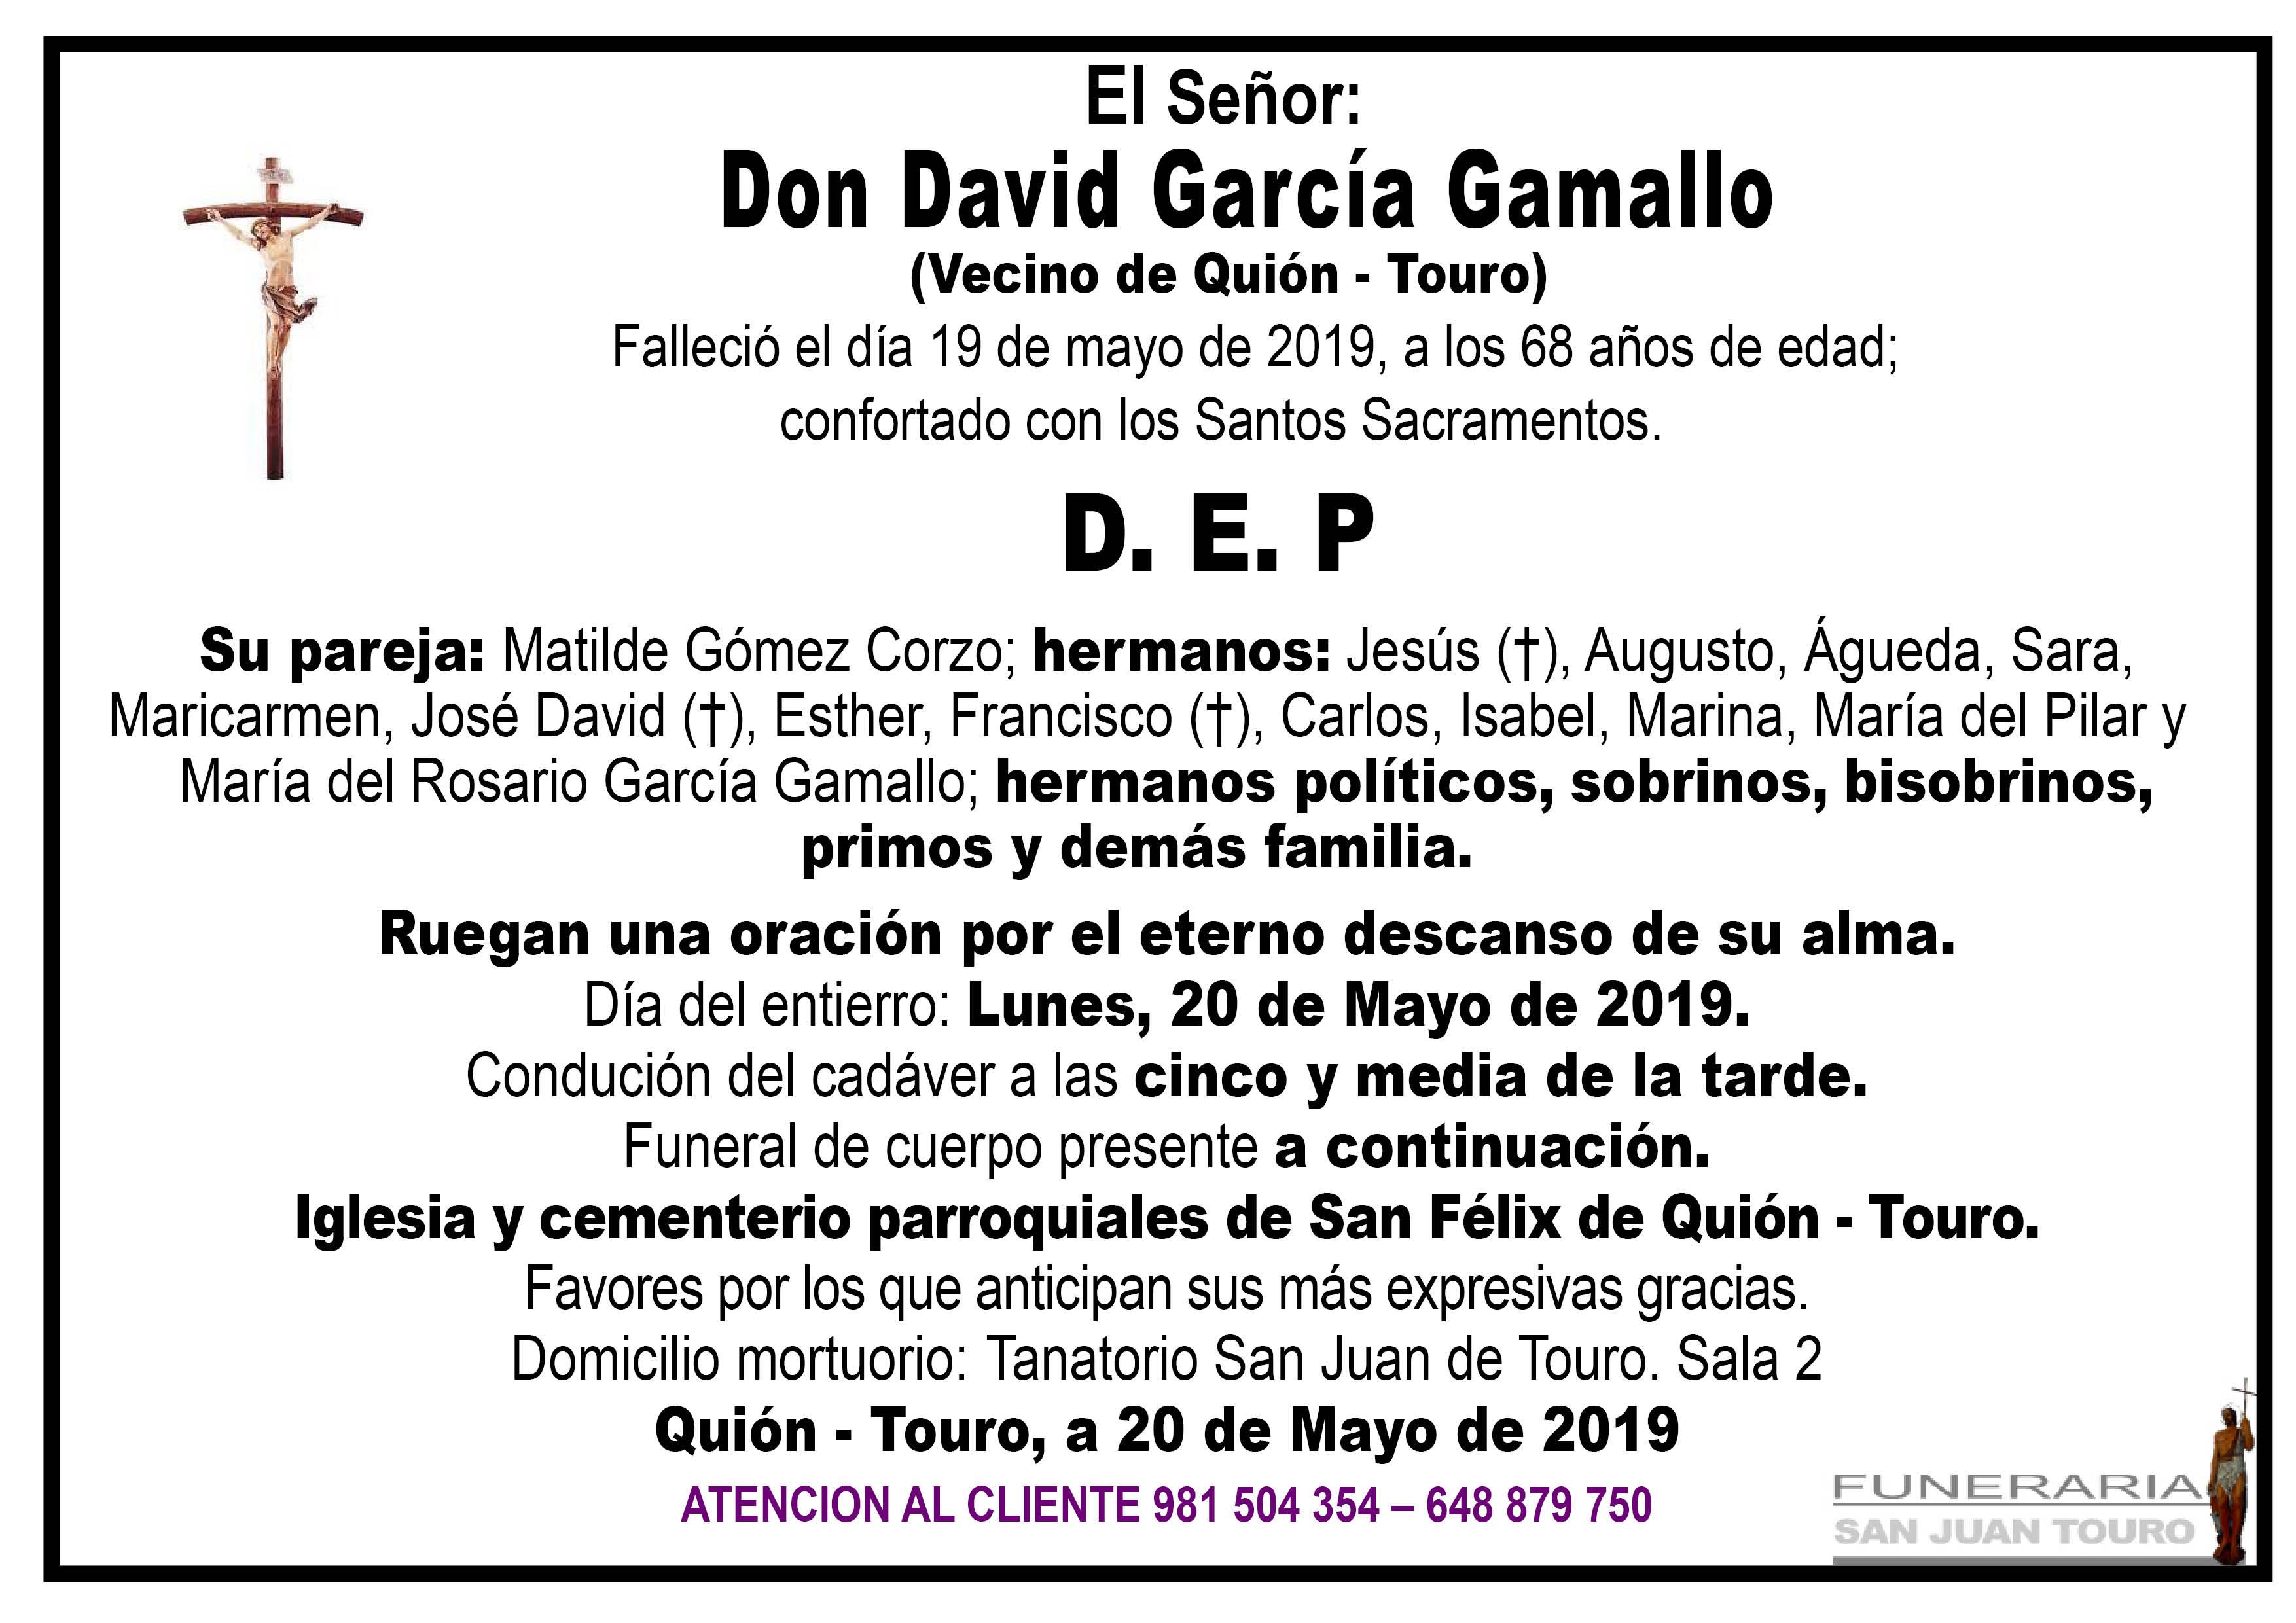 Esquela de SEPELIO DE DON DAVID CARCÍA GAMALLO